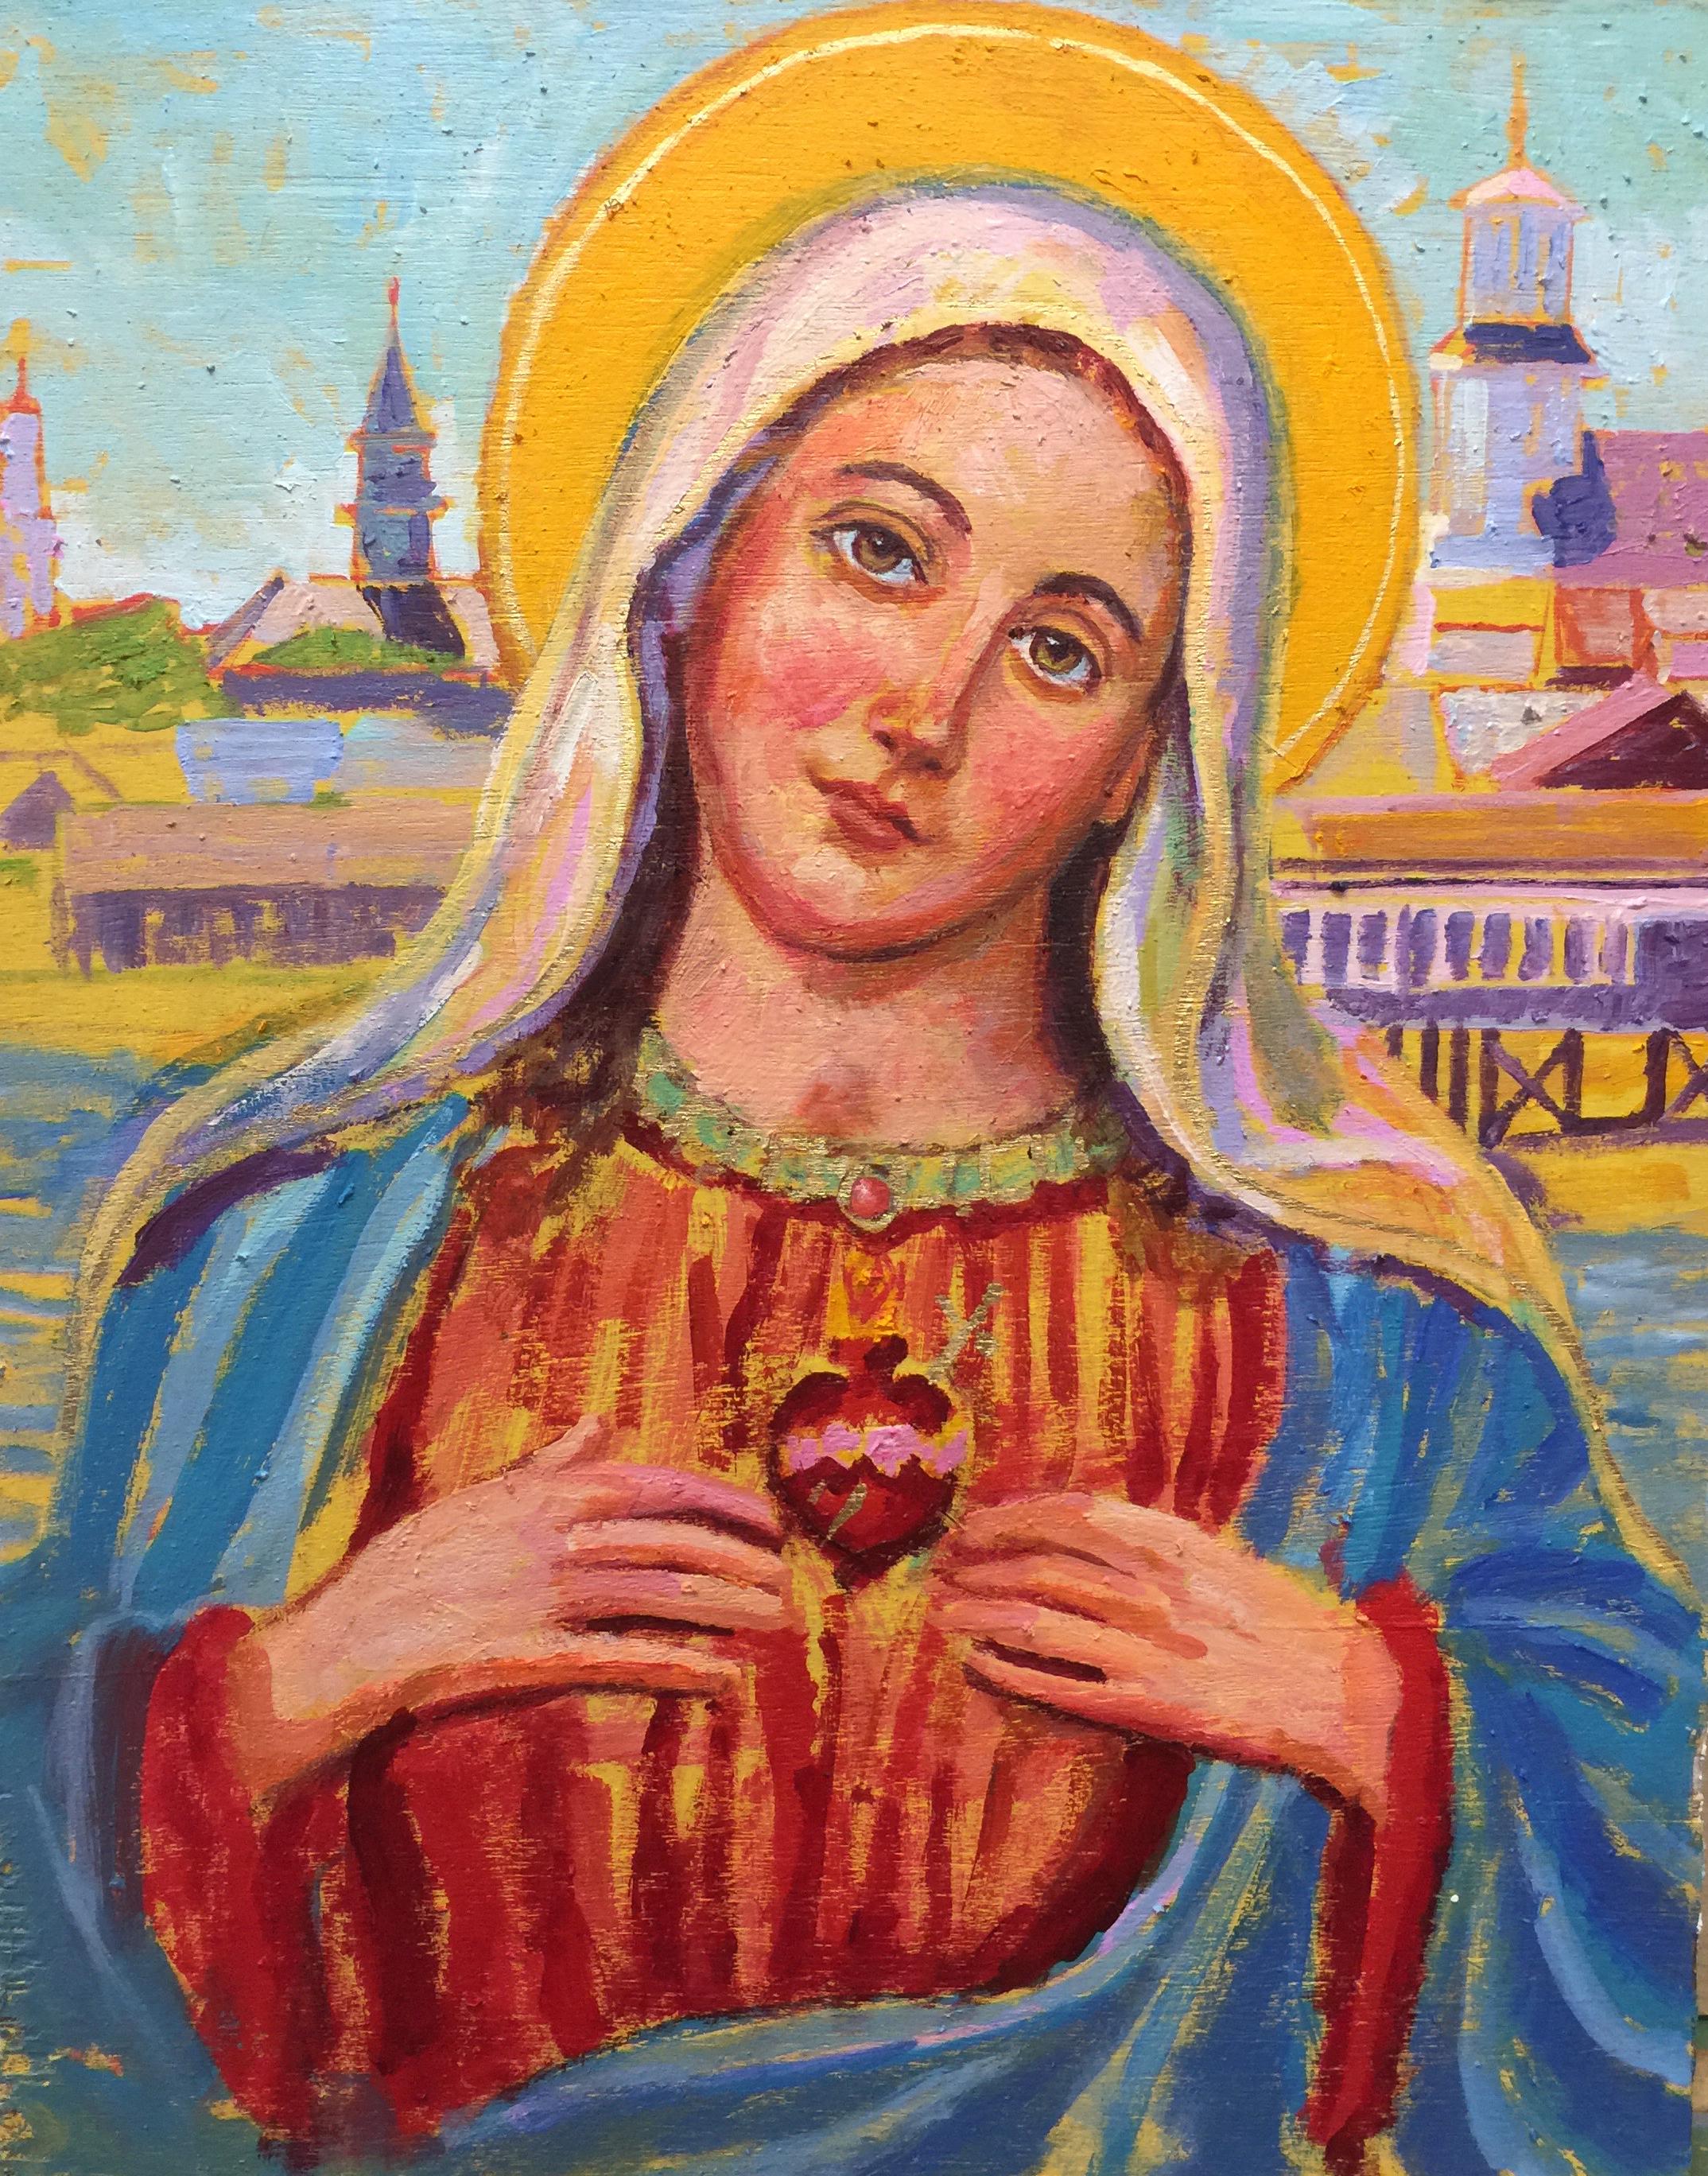 Saint Mary of the Harbor  | 16 x 20 |  Oil on canvas